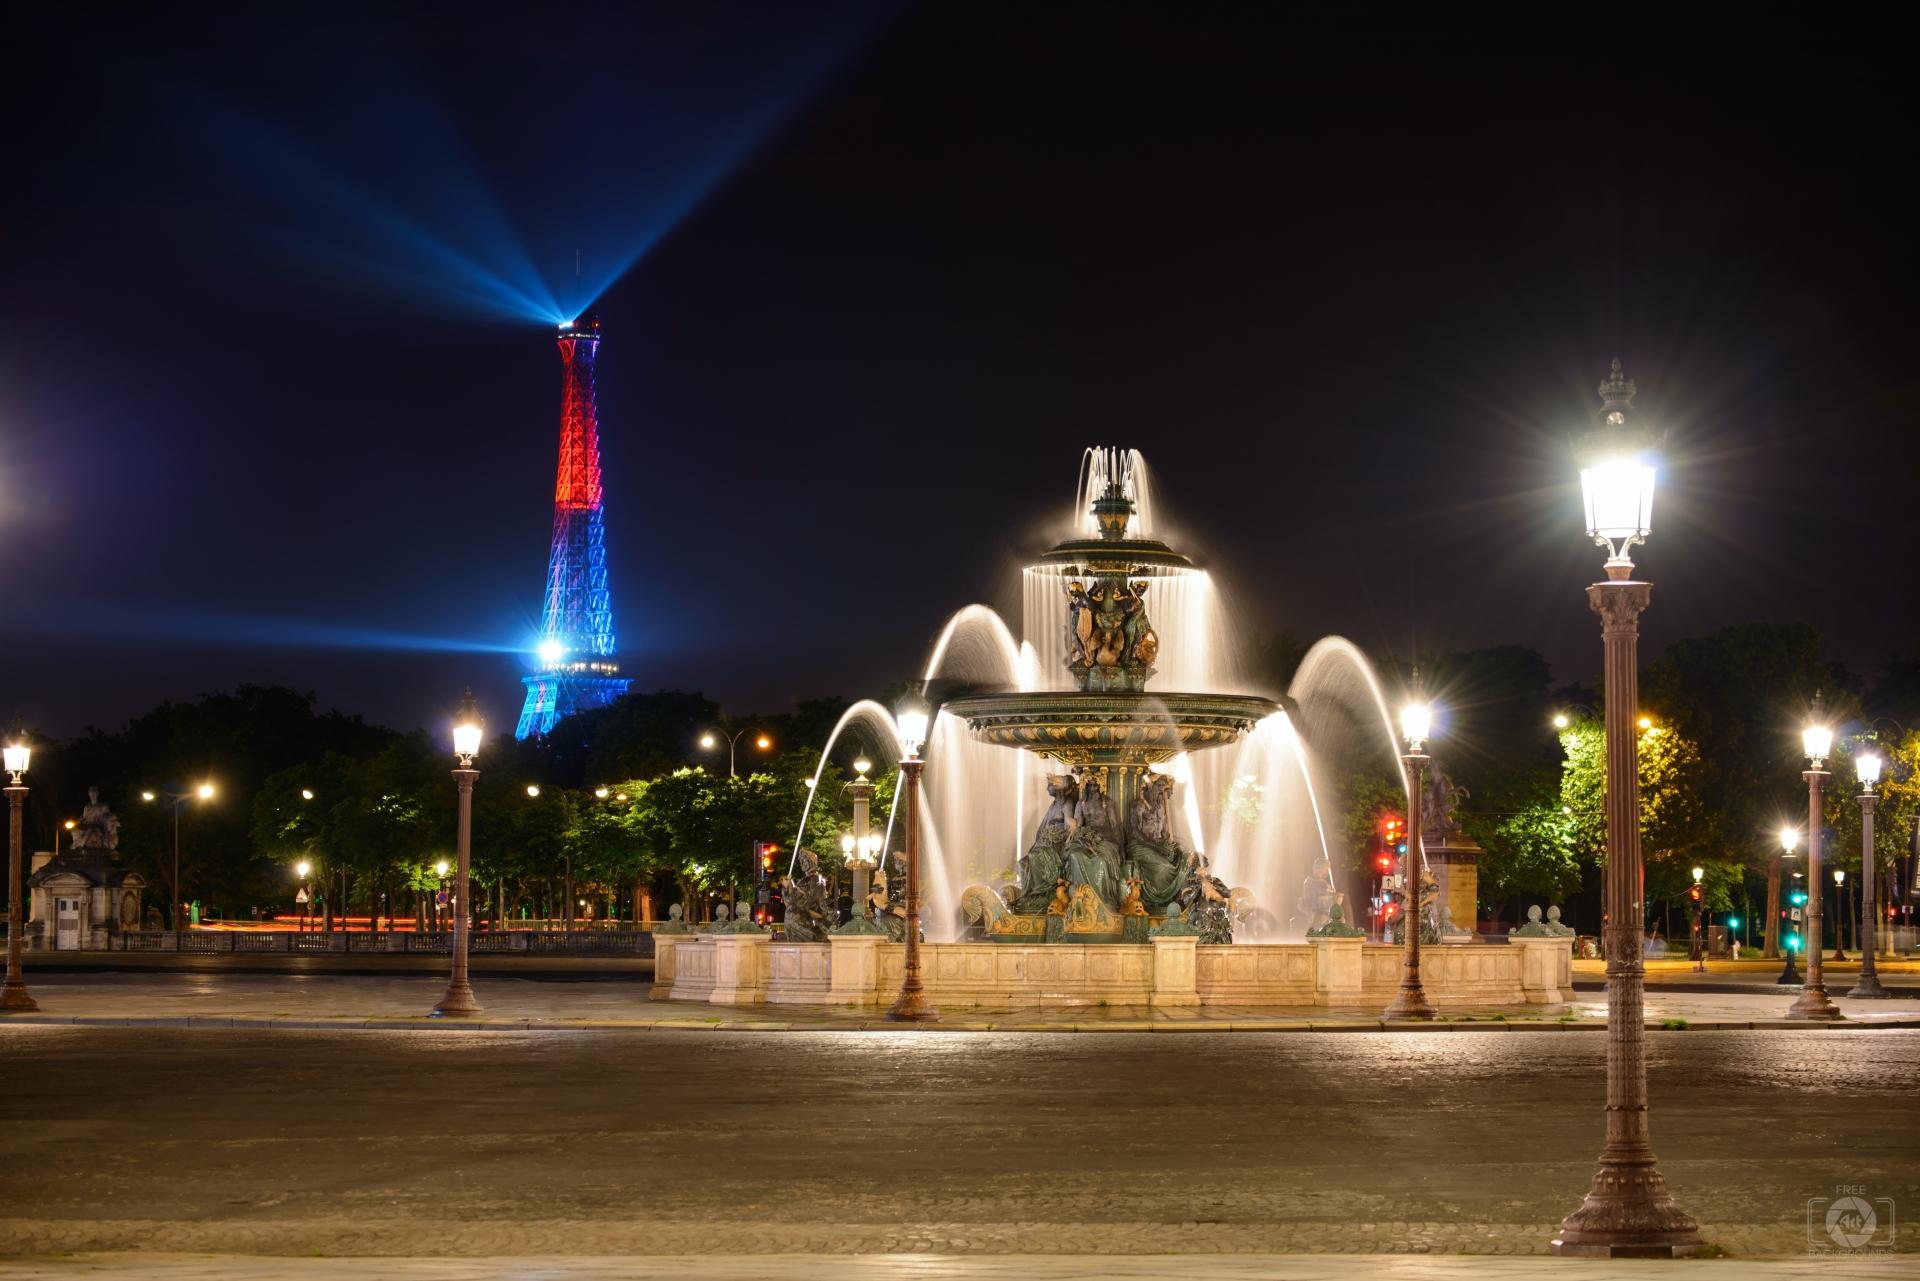 Place de la Concorde Fountain and Eiffel Tower Paris Background 1920x1281